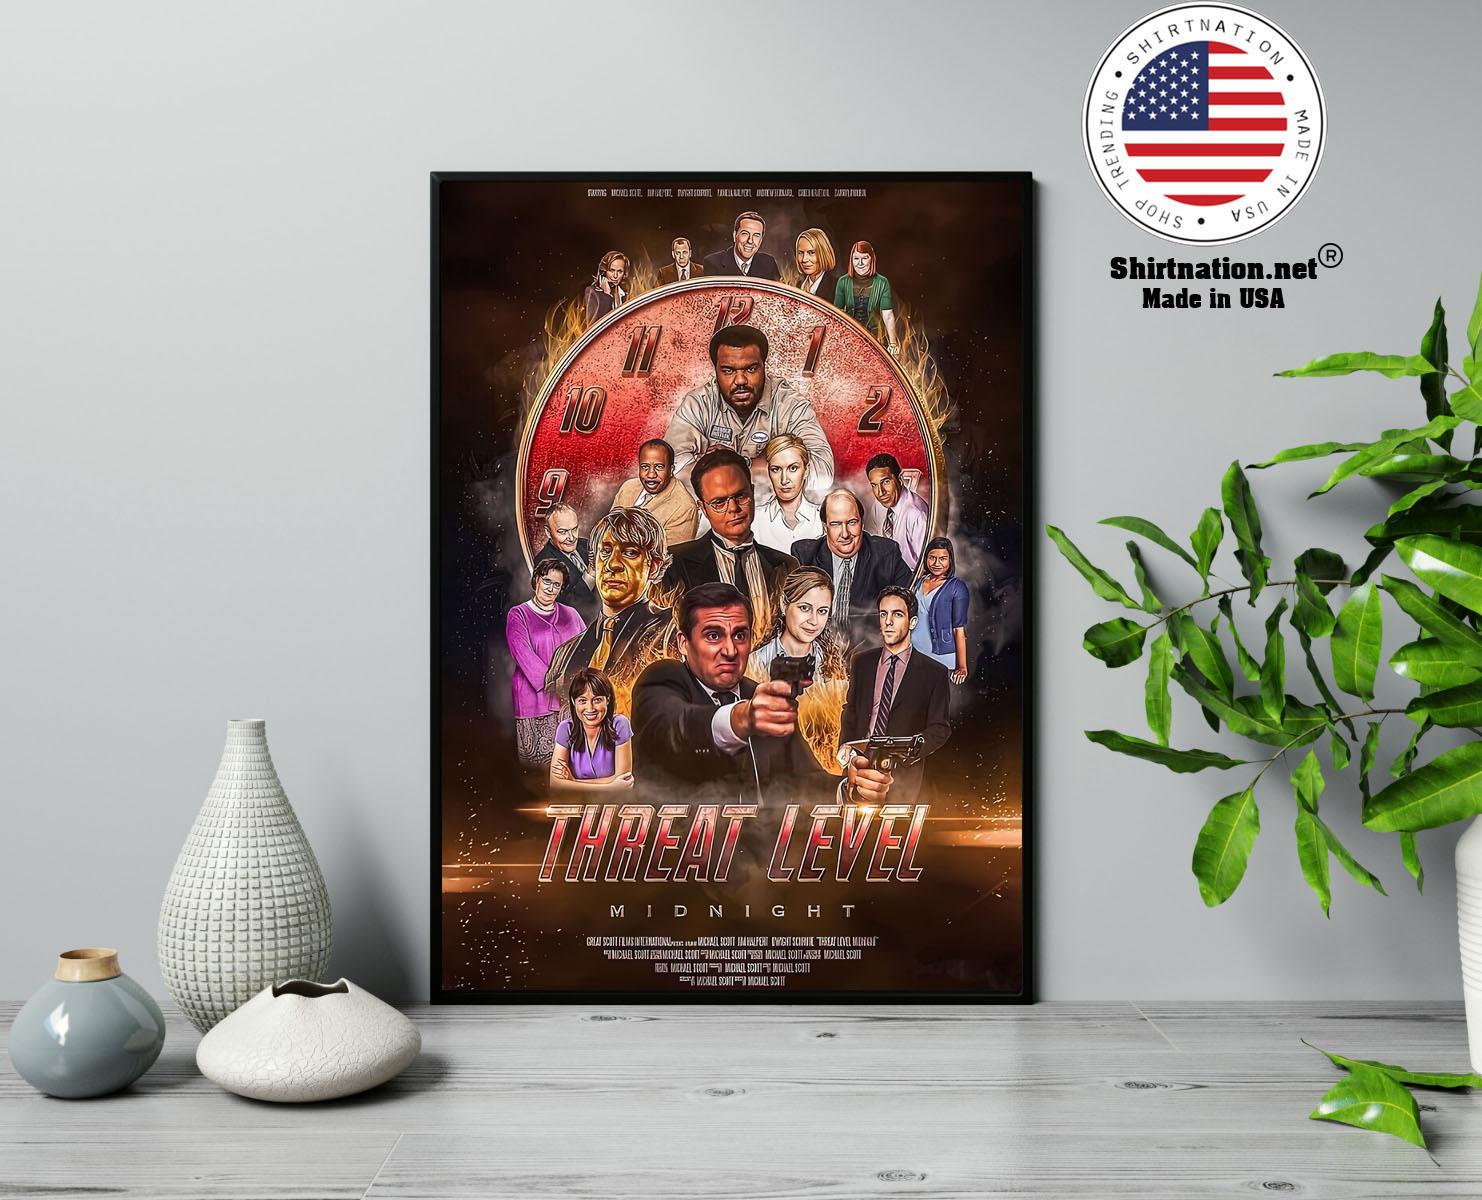 Threat level midnight movie poster 13